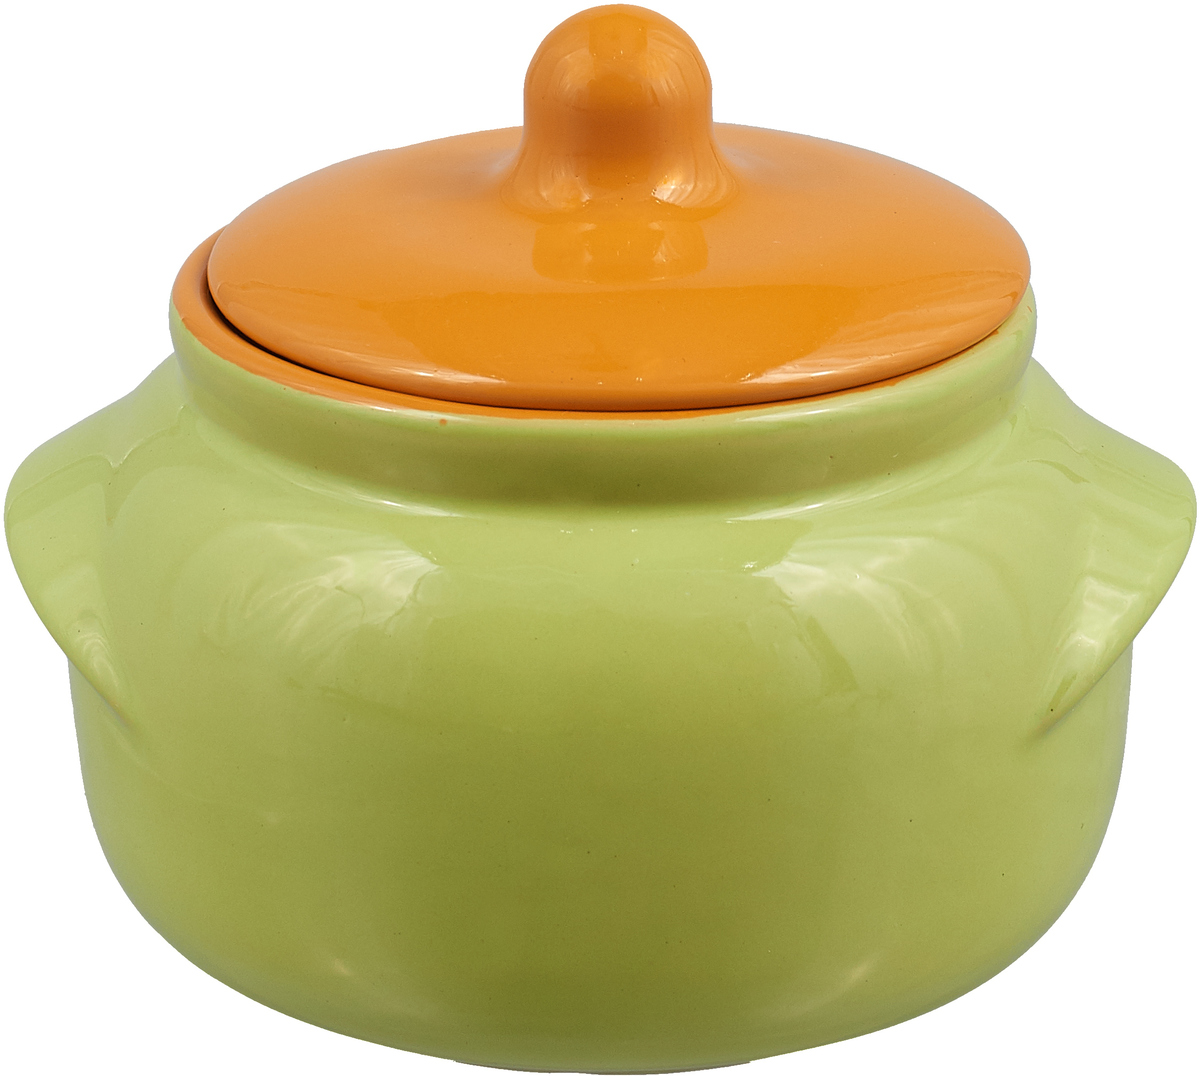 Горшочек для запекания Борисовская керамика Новарусса, цвет: салатовый, оранжевый, 500 мл горшочек для запекания борисовская керамика мечта хозяйки цвет зеленый розовый 350 мл